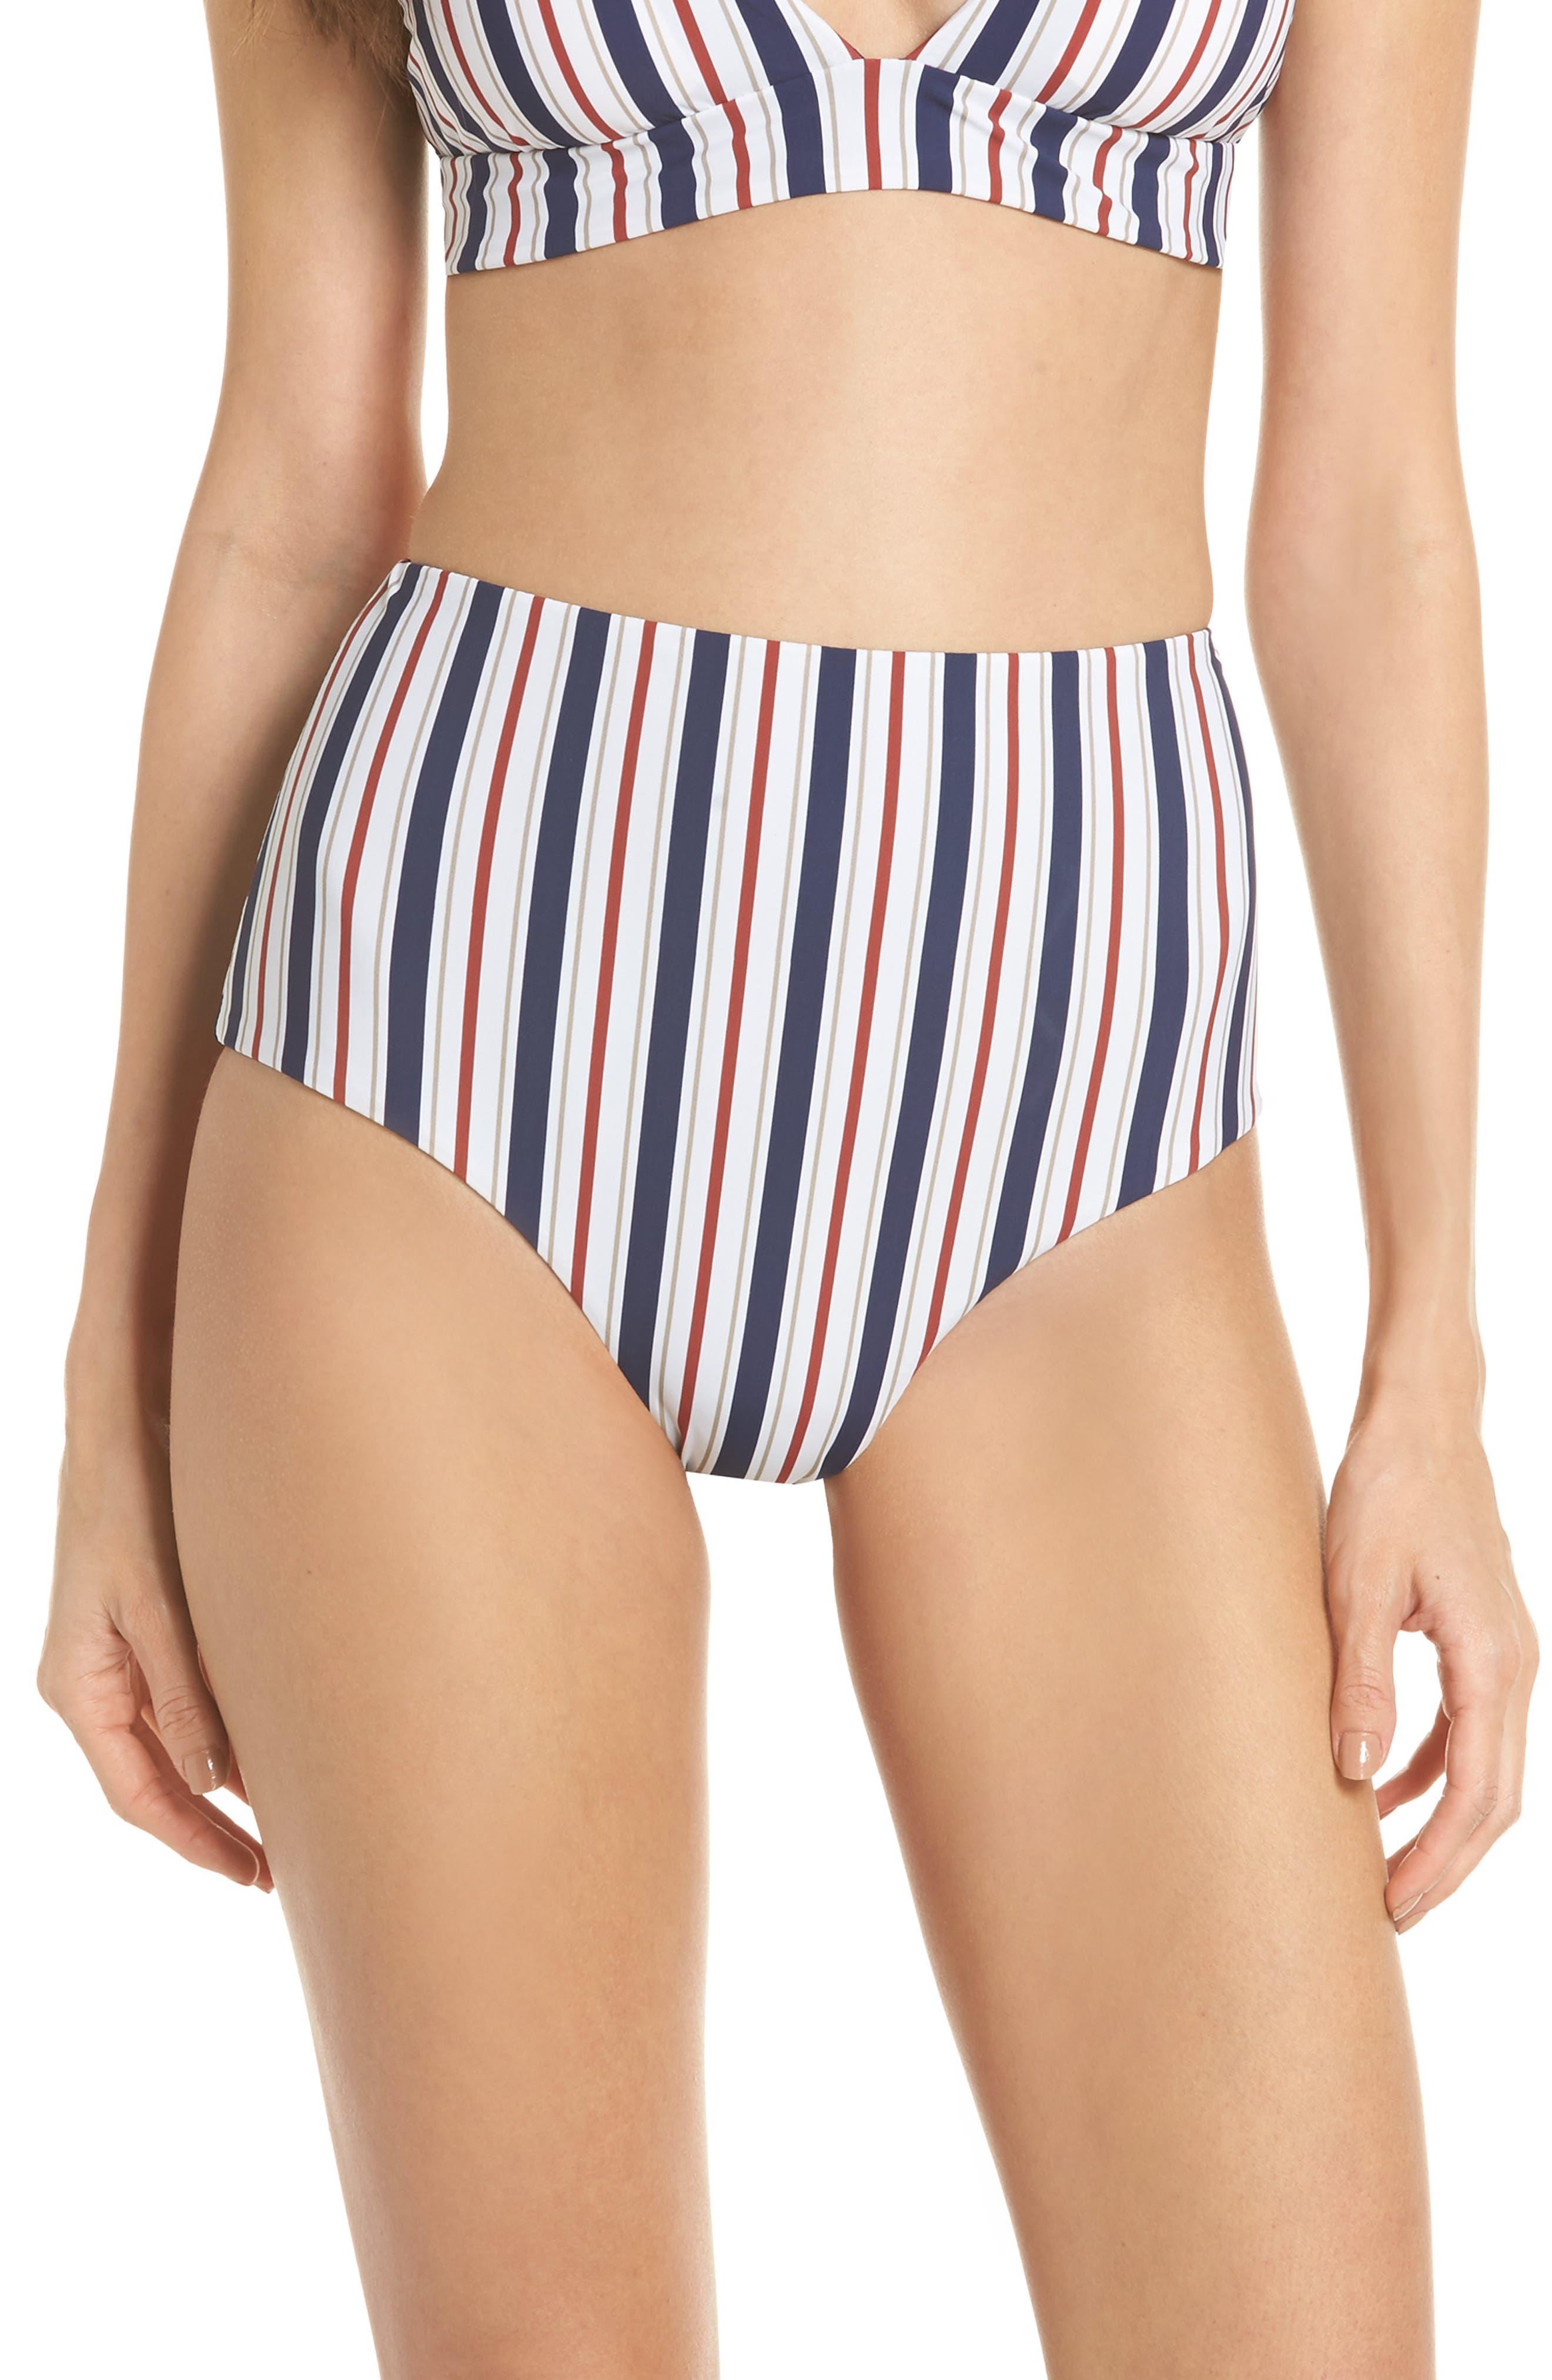 BCA Better Than Ever High Waist Bikini Bottoms